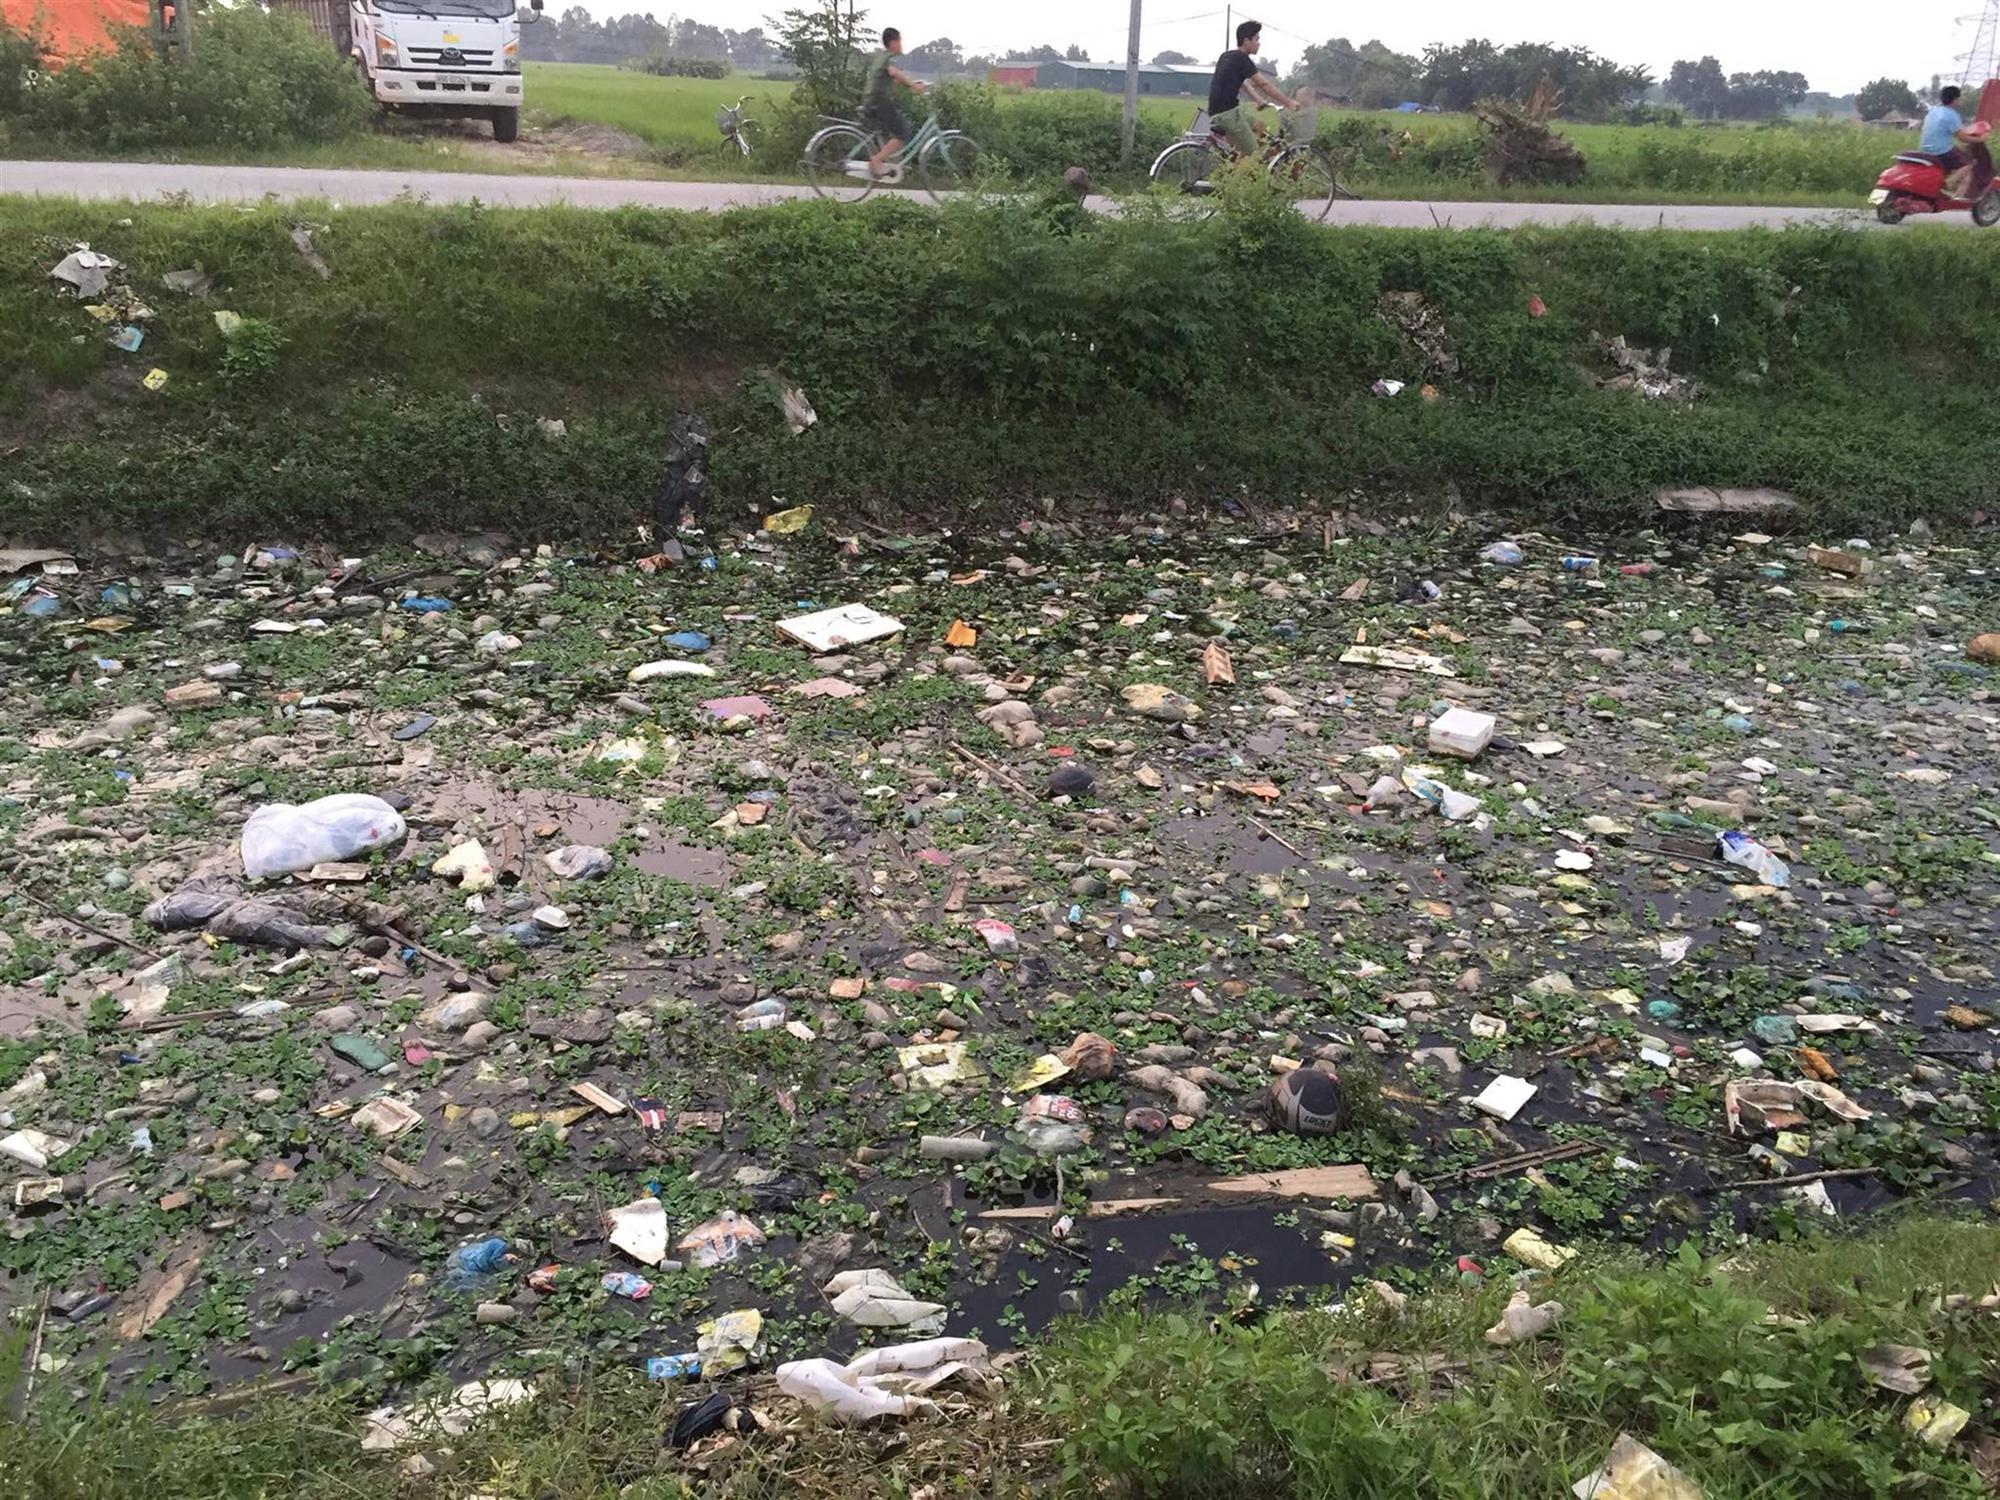 Cơn sốt thử thách dọn rác lan tỏa ở Việt Nam và tín hiệu đáng mừng về sự biến mất của những bãi rác lớn-3